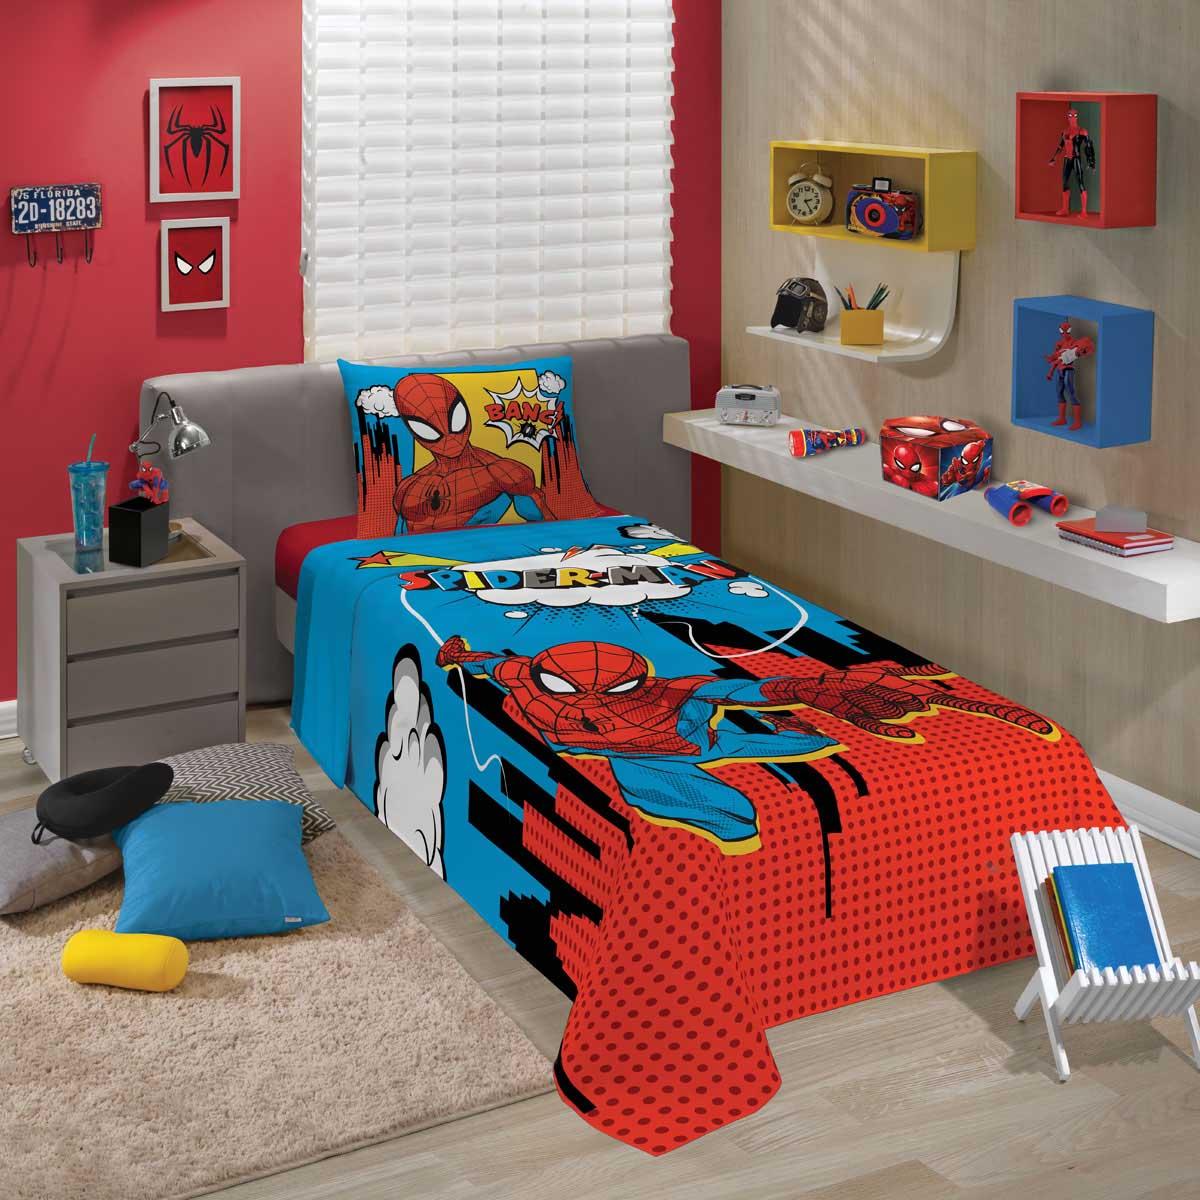 Jogo de Cama Spider Man Homem Aranha 59472 com 3 peças Lepper